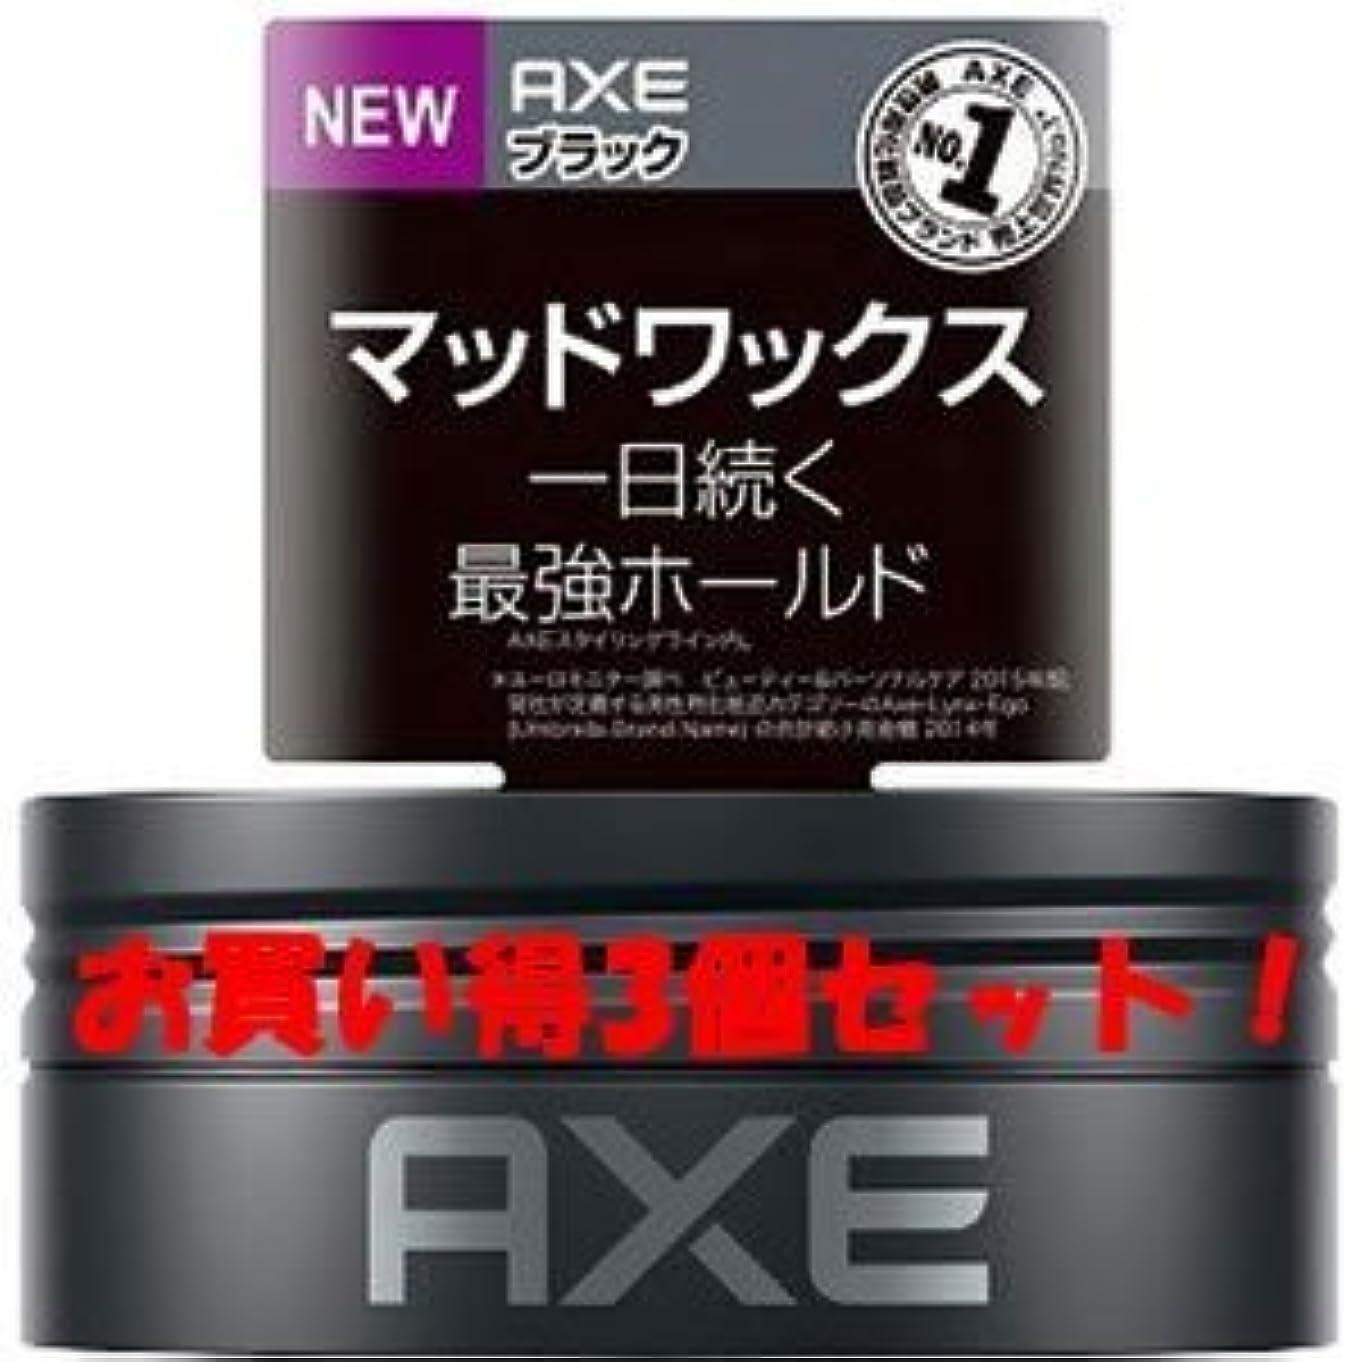 侵入ジョガー日(2016年春の新商品)(ユニリーバ)AXE(アックス) ブラック デフィニティブホールド マッドワックス 65g(お買い得3個セット)